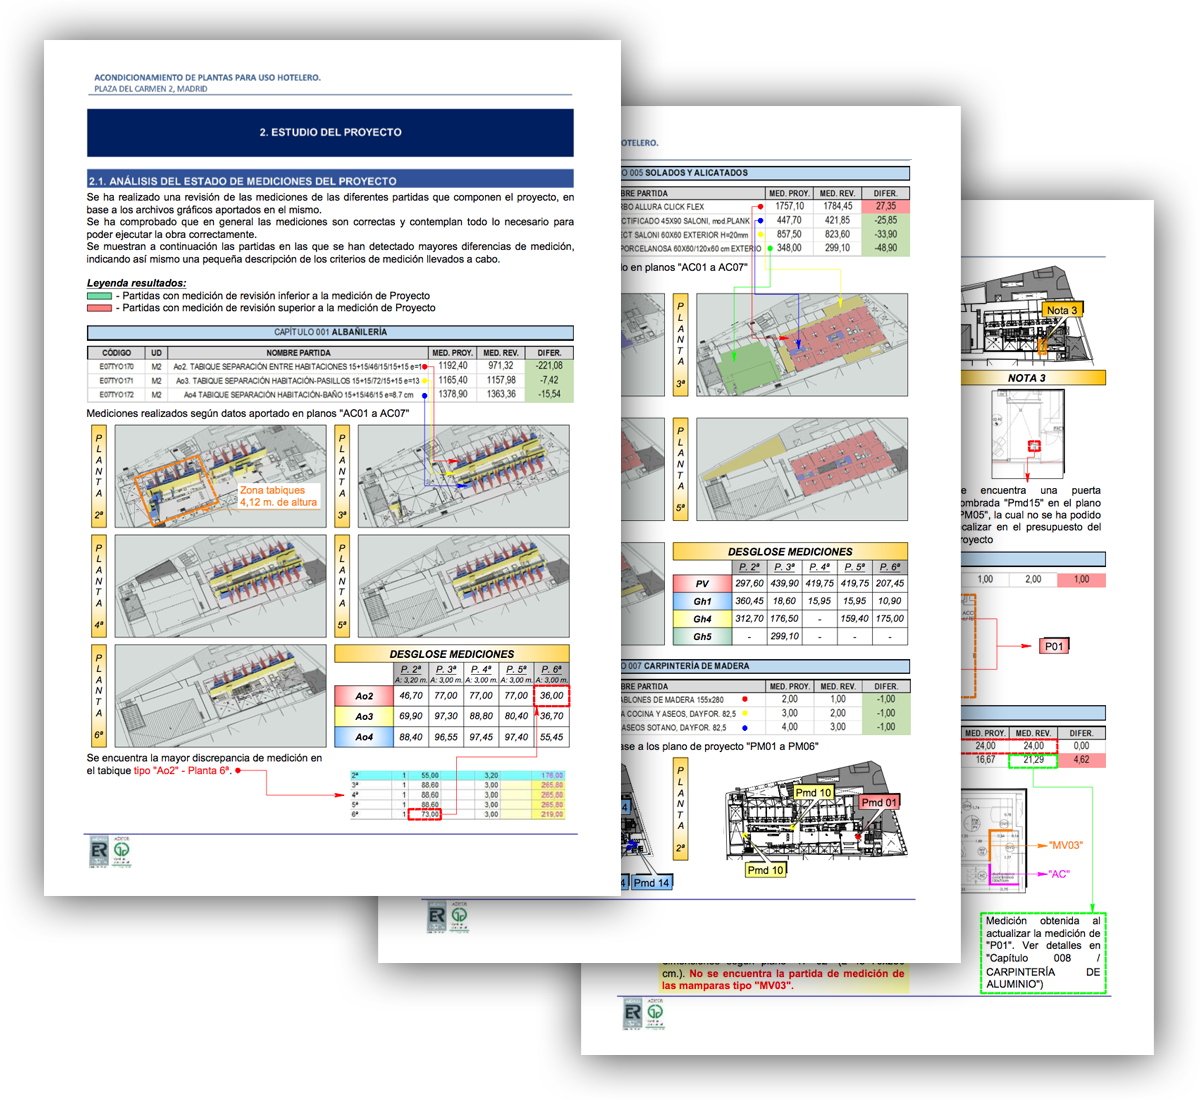 Revisión de mediciones y análisis de proyectos - ARRAVAN